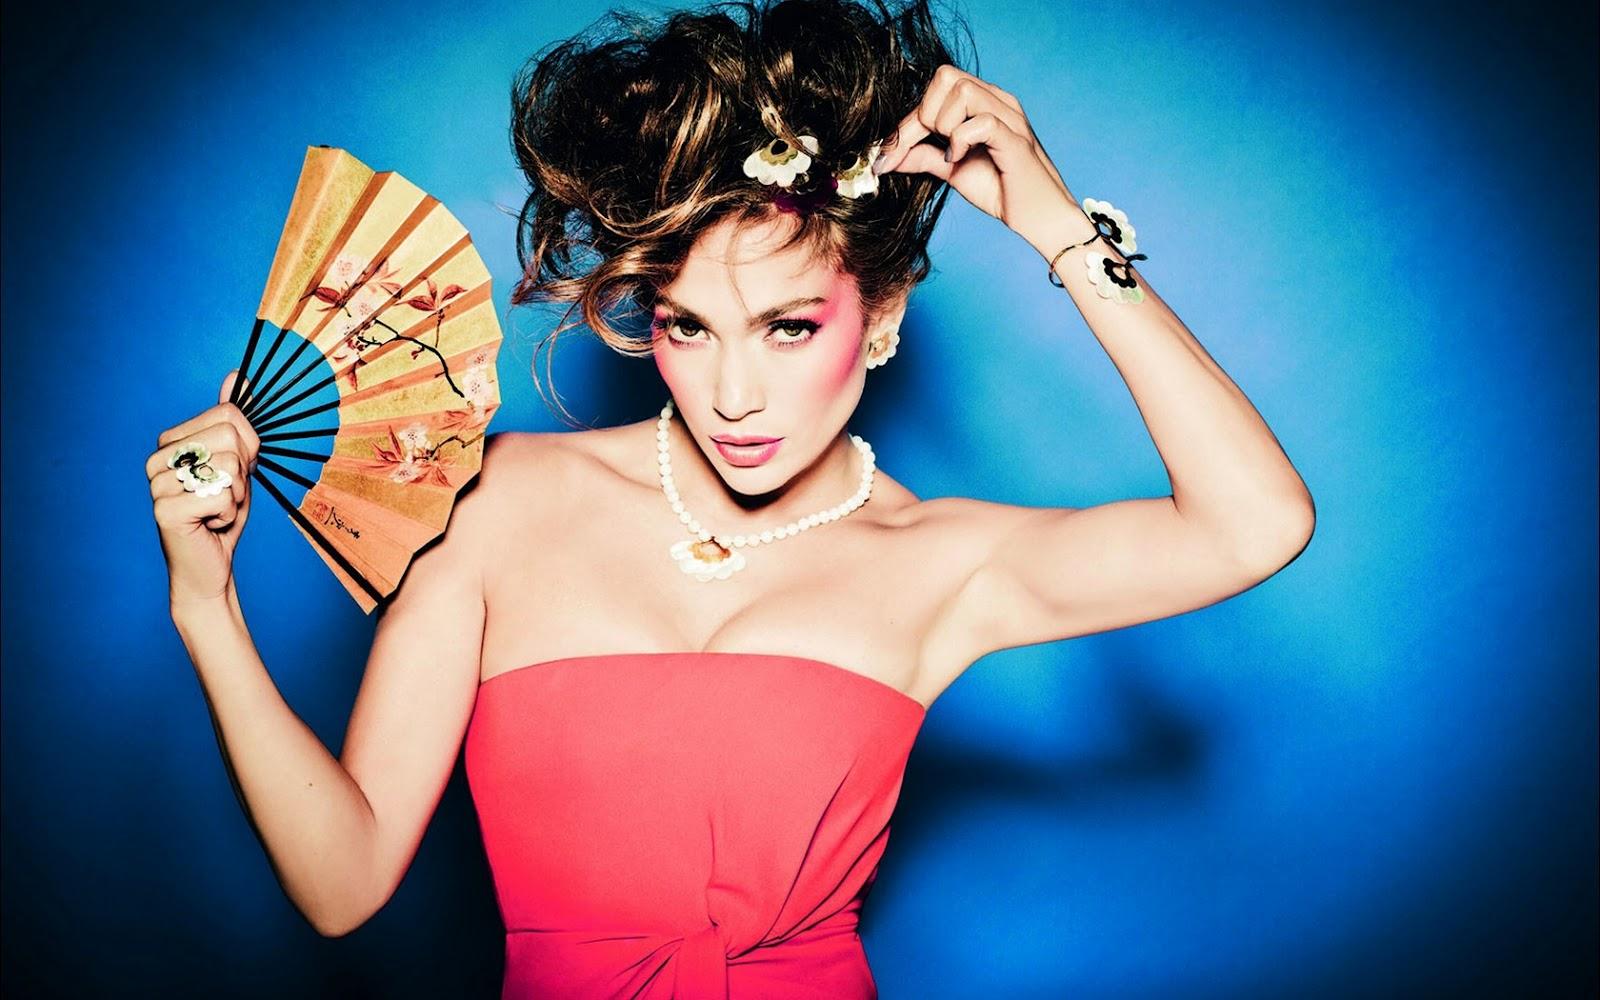 Jennifer Lopez HD Wallpapers   Wallpapers for dekstop 1600x1000